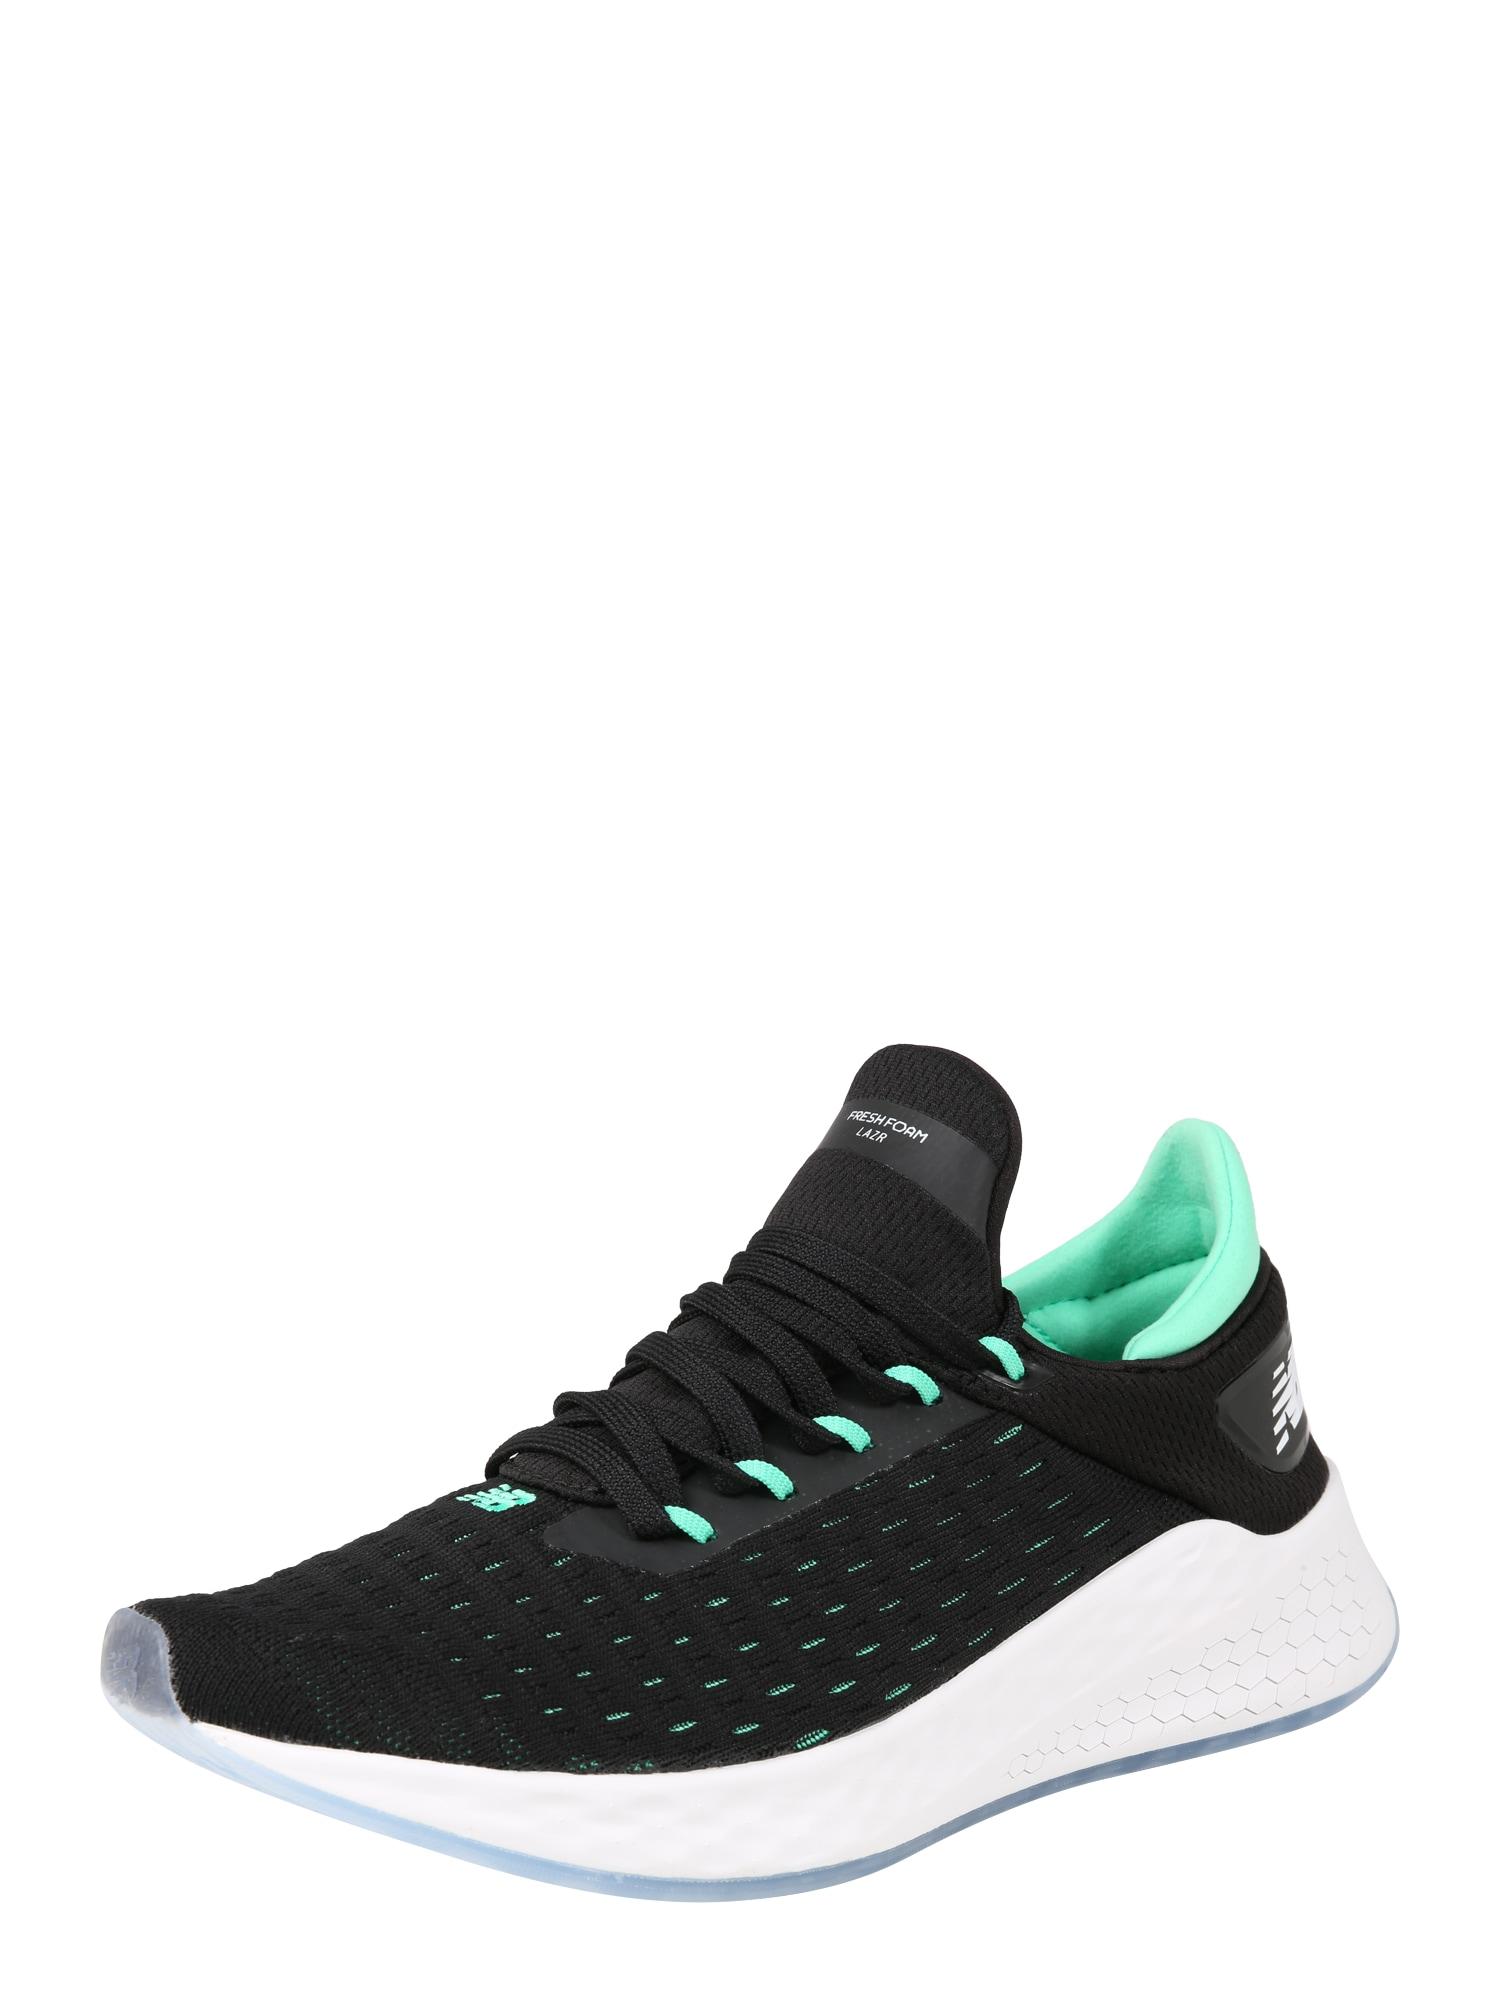 Sportovní boty MLZHKLB2 tyrkysová černá New Balance